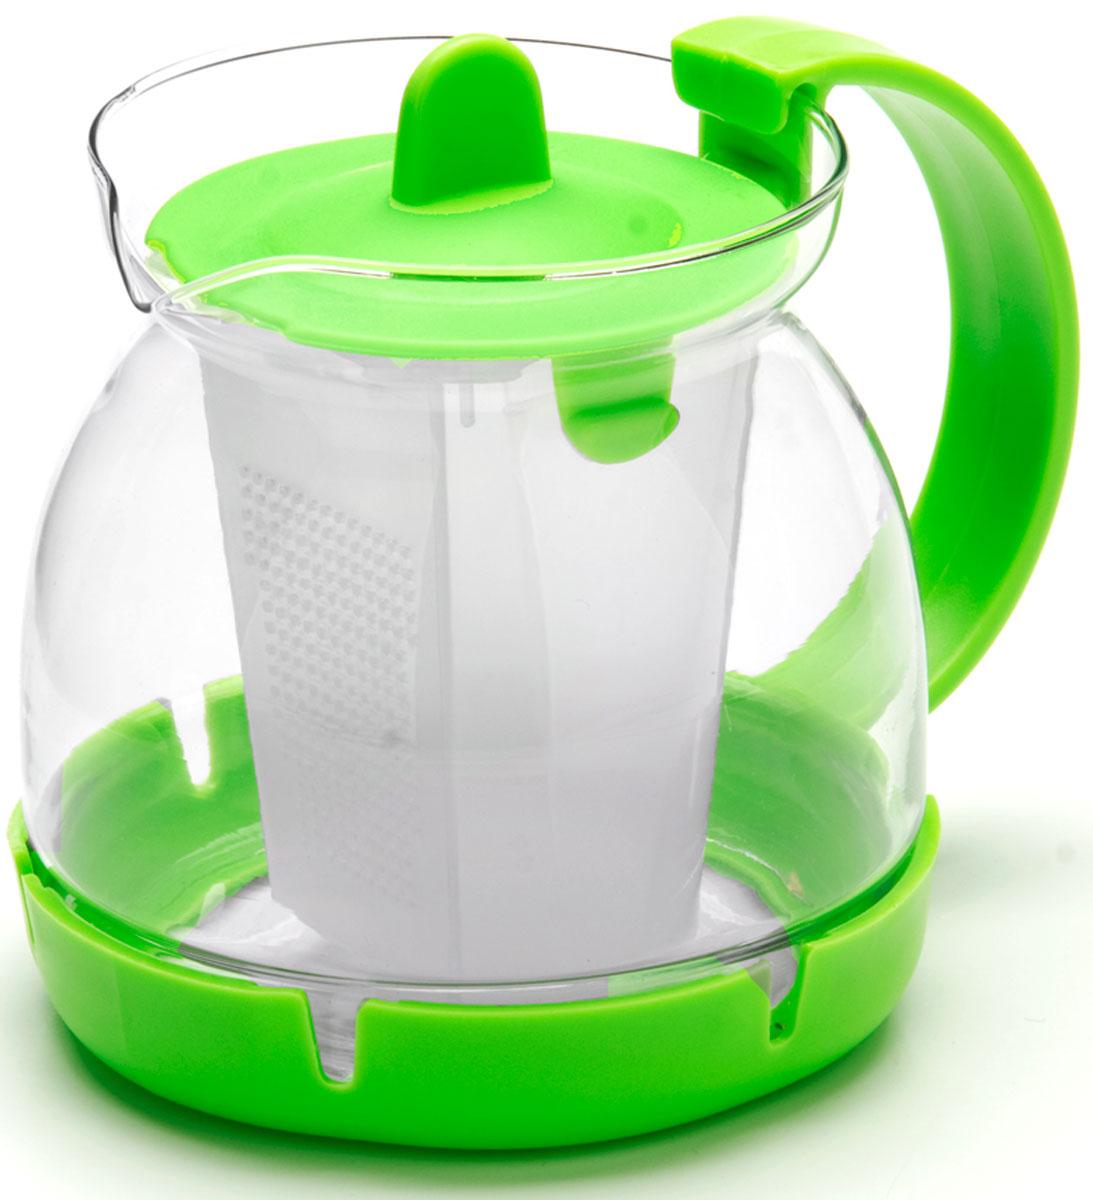 Чайник заварочный Mayer & Boch, с фильтром, 0,8 л. 26175-326175-3Заварочный чайник изготовлен из термостойкого боросиликатного стекла, фильтр выполнены из полипропилена. Изделия из стекла не впитывают запахи, благодаря чему вы всегда получите натуральный, насыщенный вкус и аромат напитков. Фильтр гарантирует прозрачность и чистоту напитка от чайных листьев, при этом сохранив букет и насыщенность чая. Подходит для мытья в посудомоечной машине.Объем чайника: 800 мл.